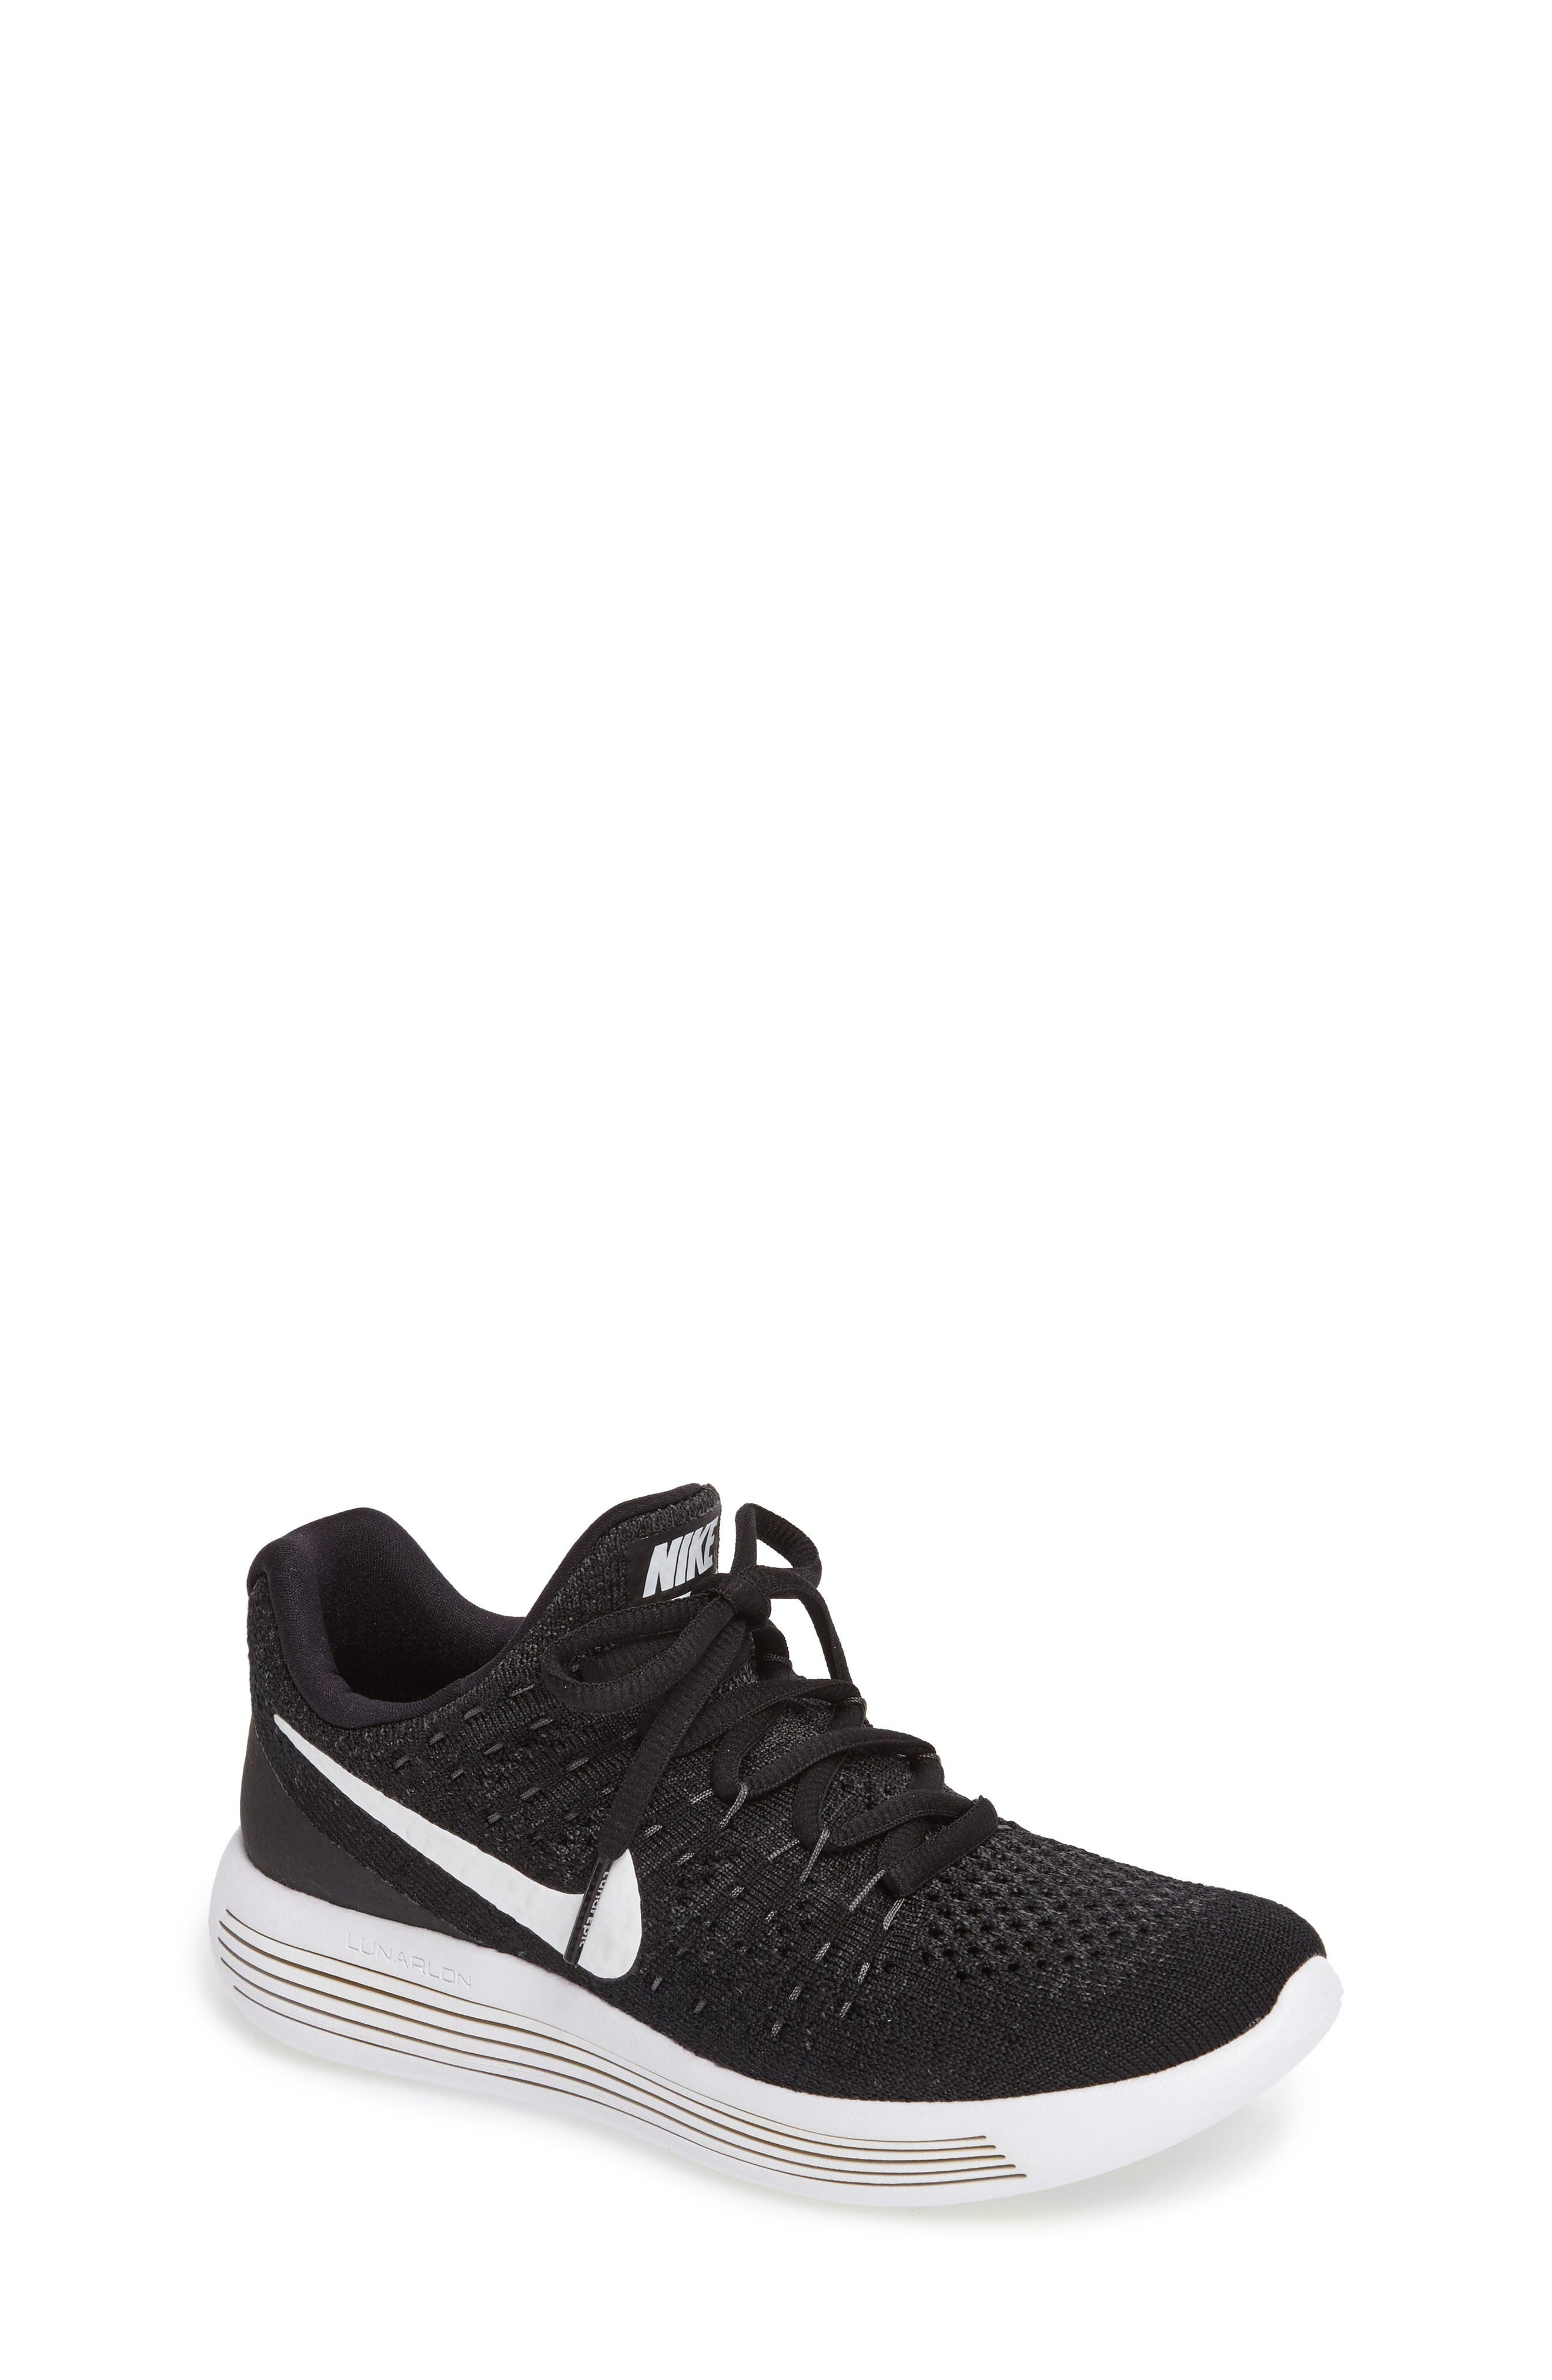 Nike Flyknit LunarEpic Sneaker (Big Kid) (Regular Retail Price: $115.00)